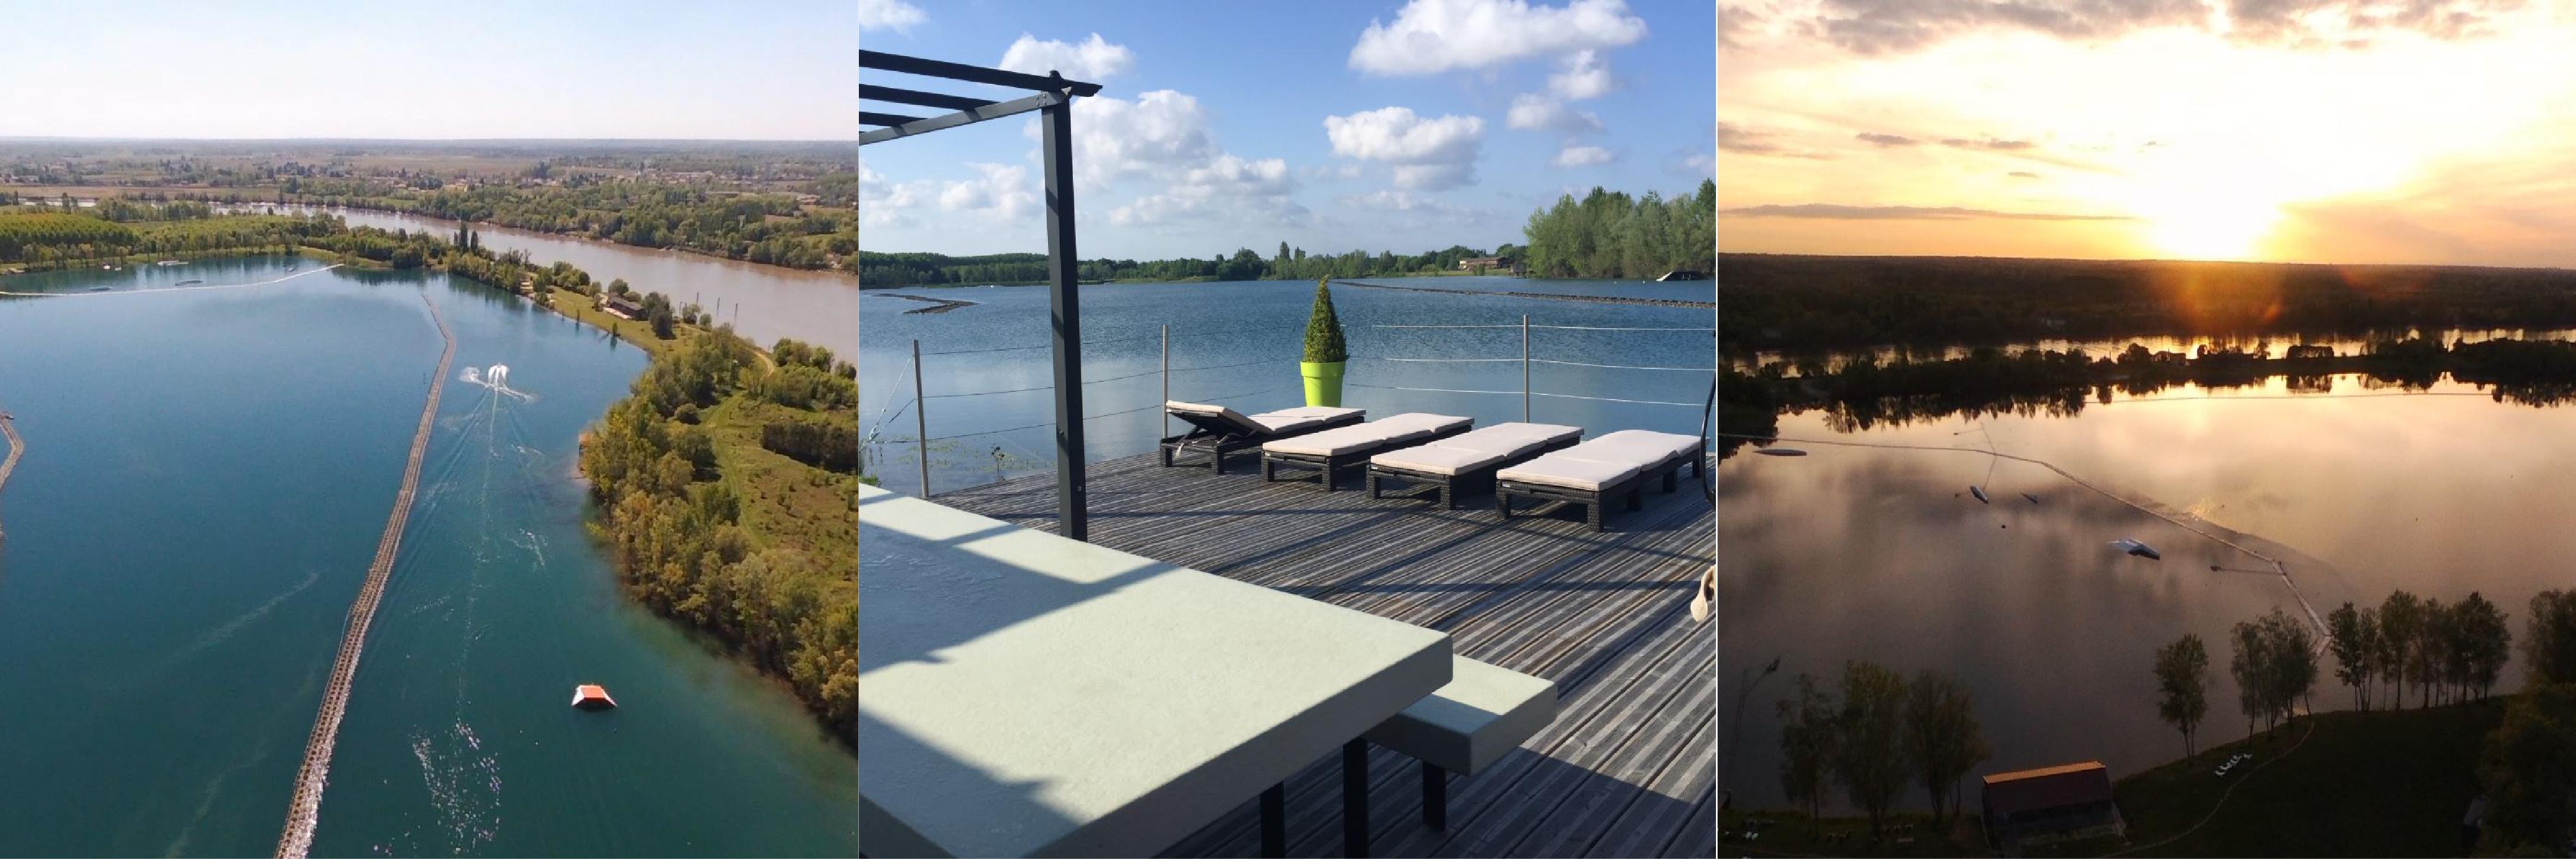 Les bons Plans à Bordeaux vous présentent le Le Ski Nautique Club de Bordeaux de Baurech, dans un cadre magnifique à 15 minutes de Bordeaux - domaine